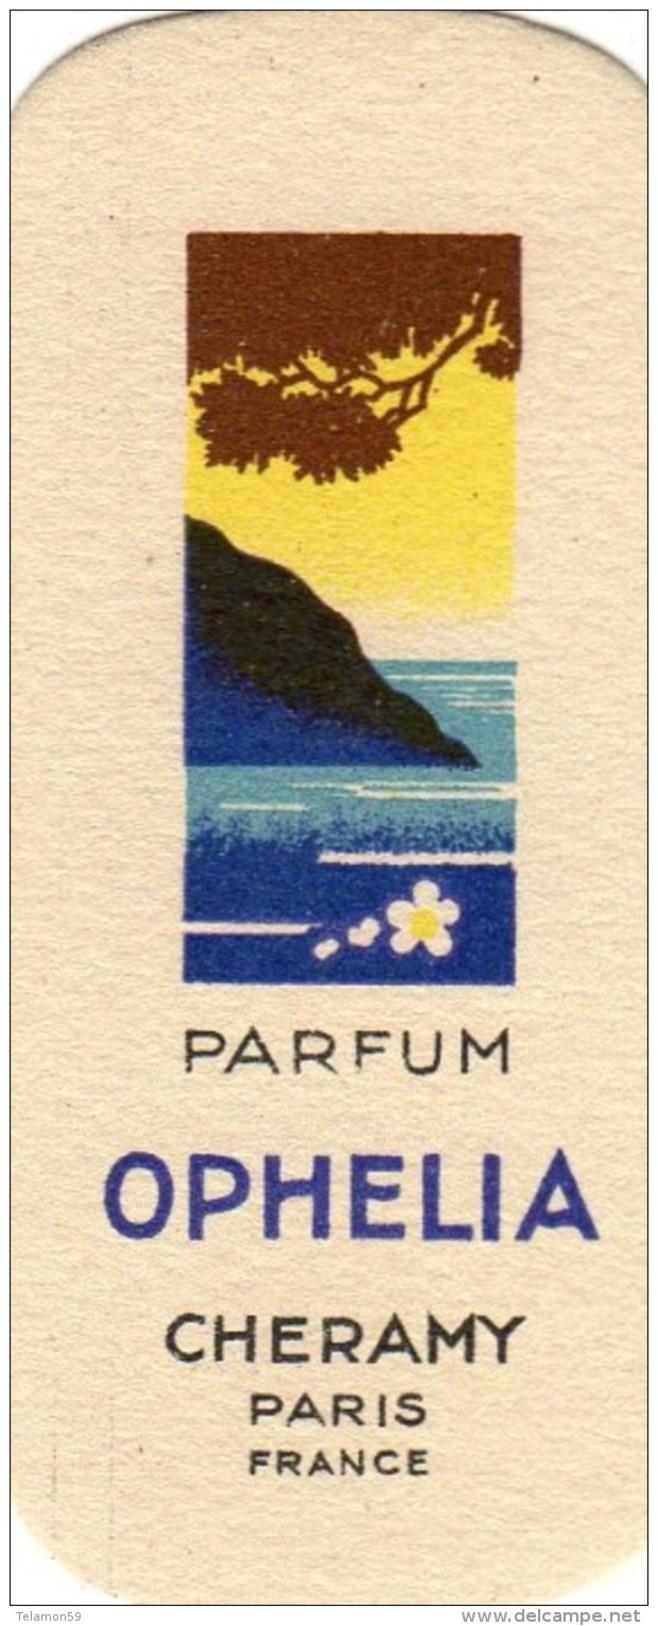 CARTE PARFUM OPHELIA ANCIENNE CHERAMY PARIS - Perfume Cards